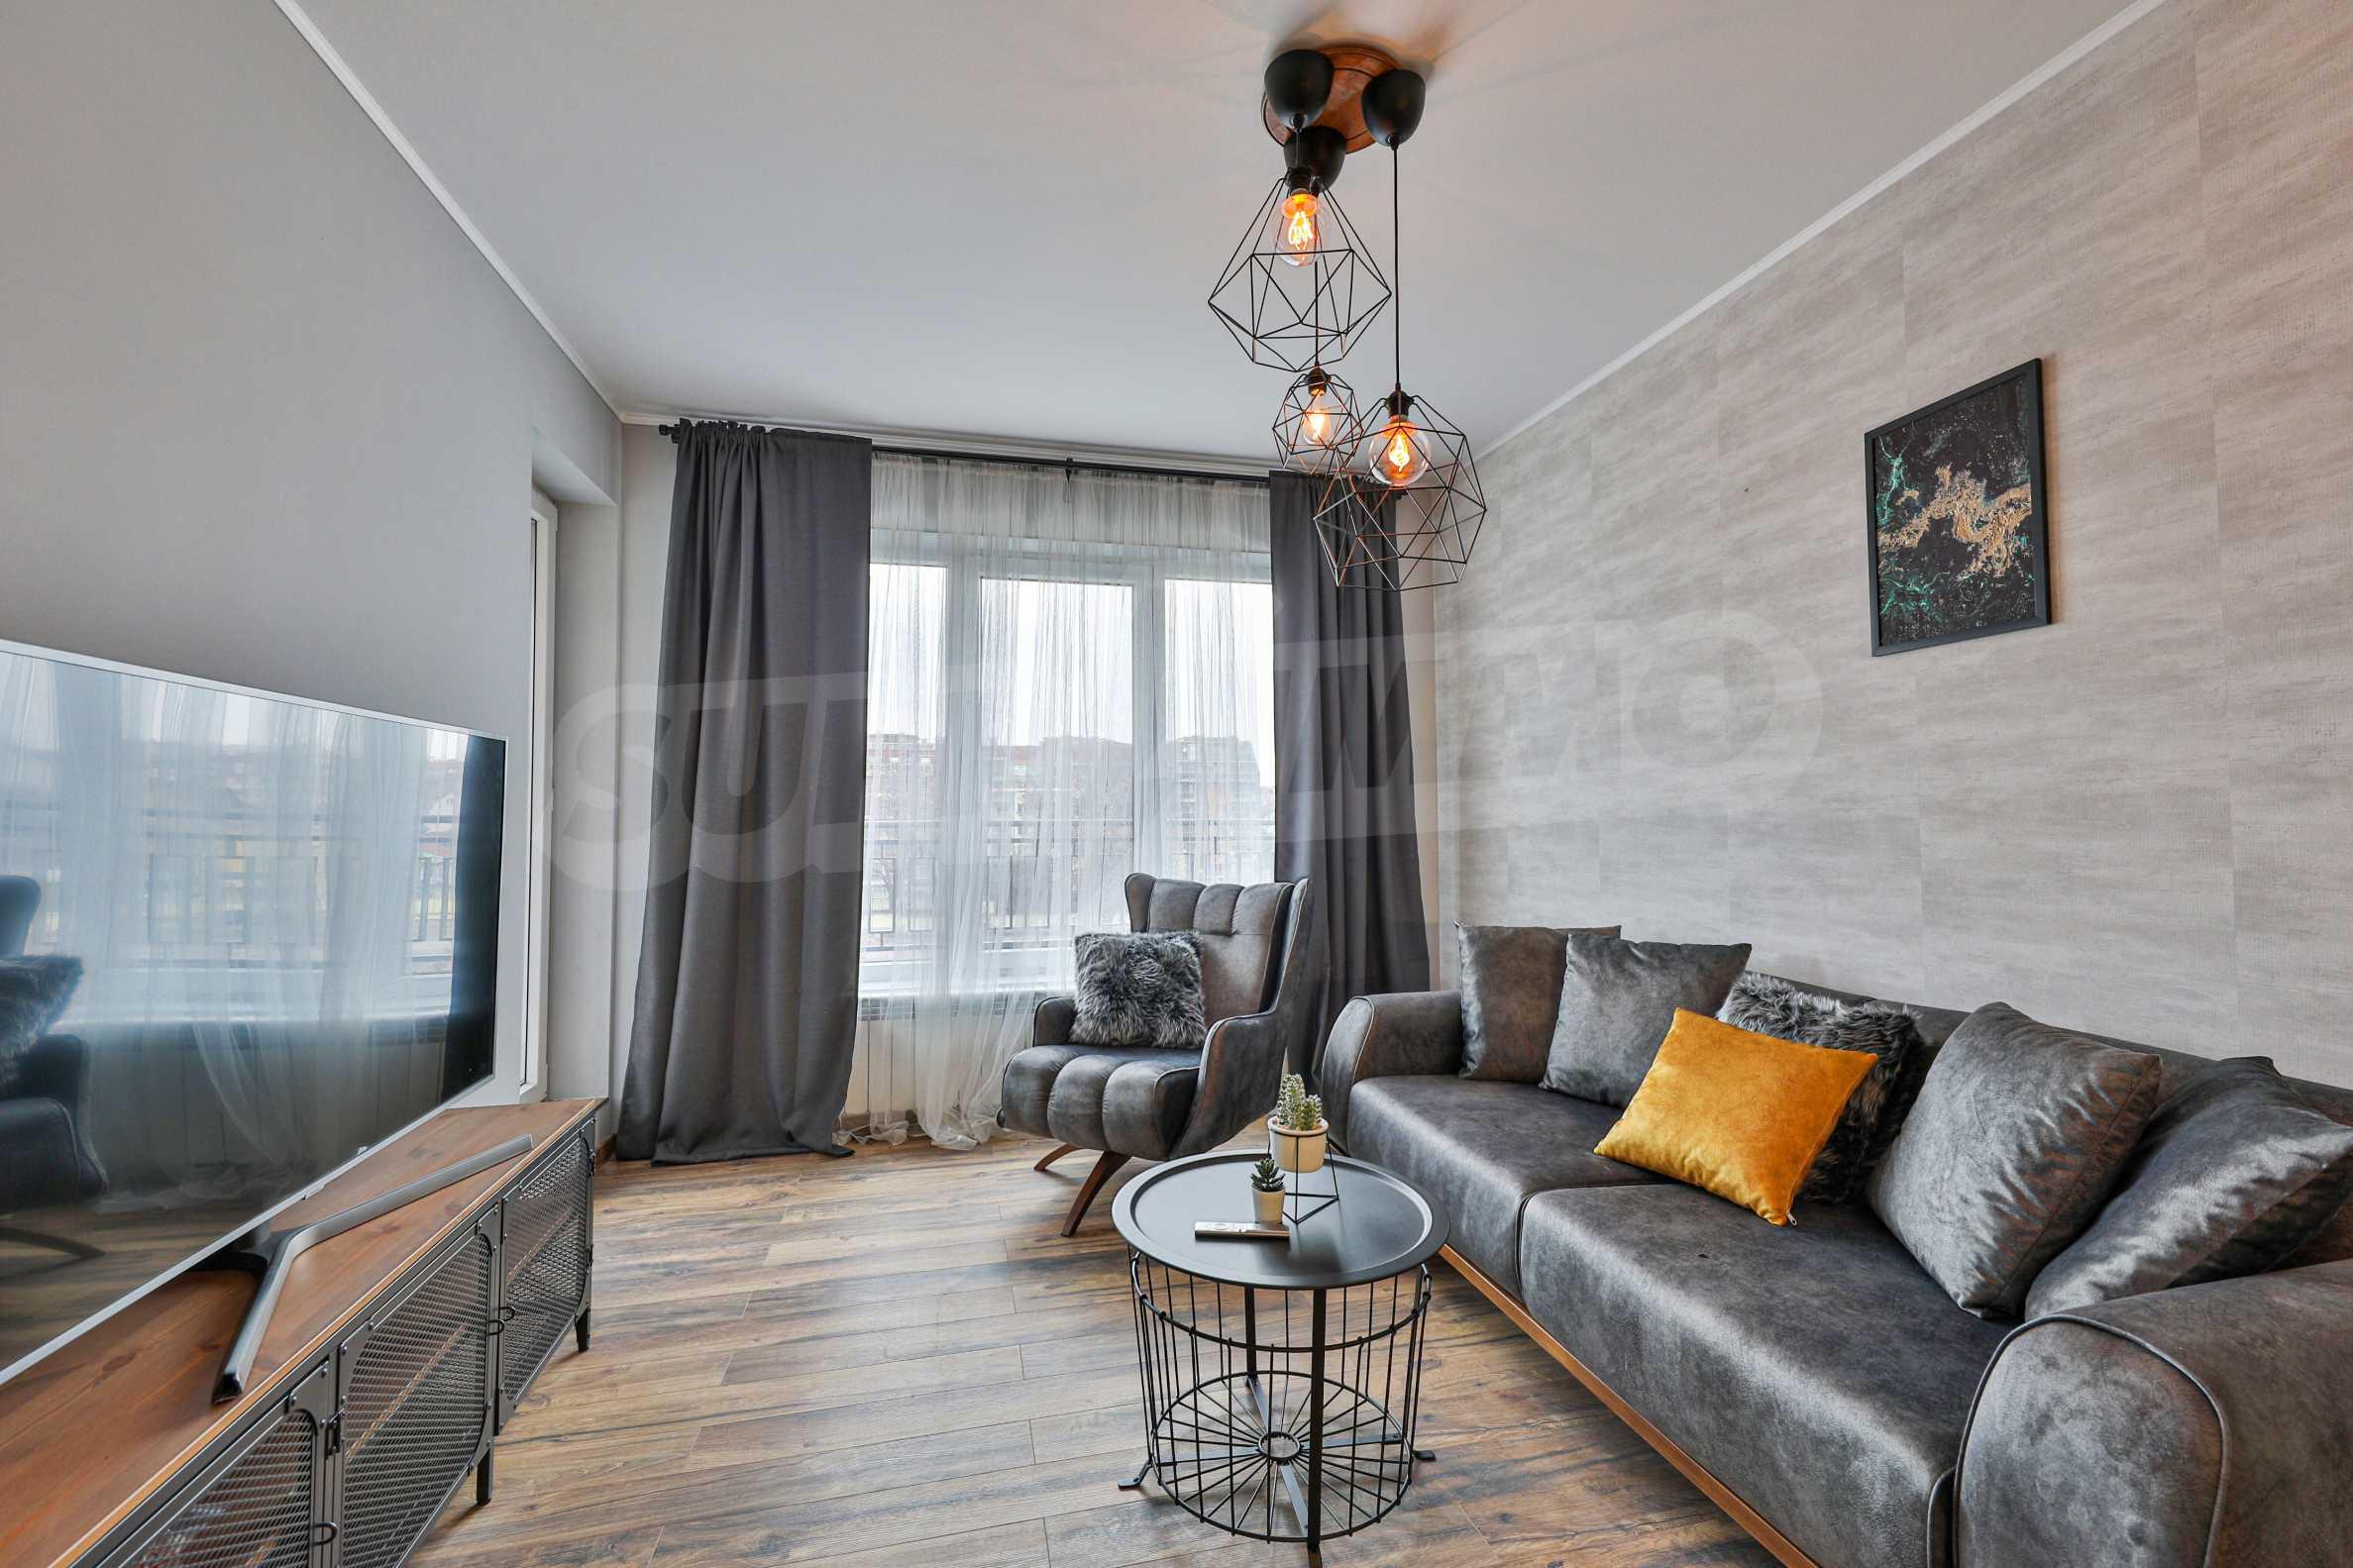 Нов, дизайнерски обзаведен двустаен апартамент с гараж в Центъра до метростанция и парк 3